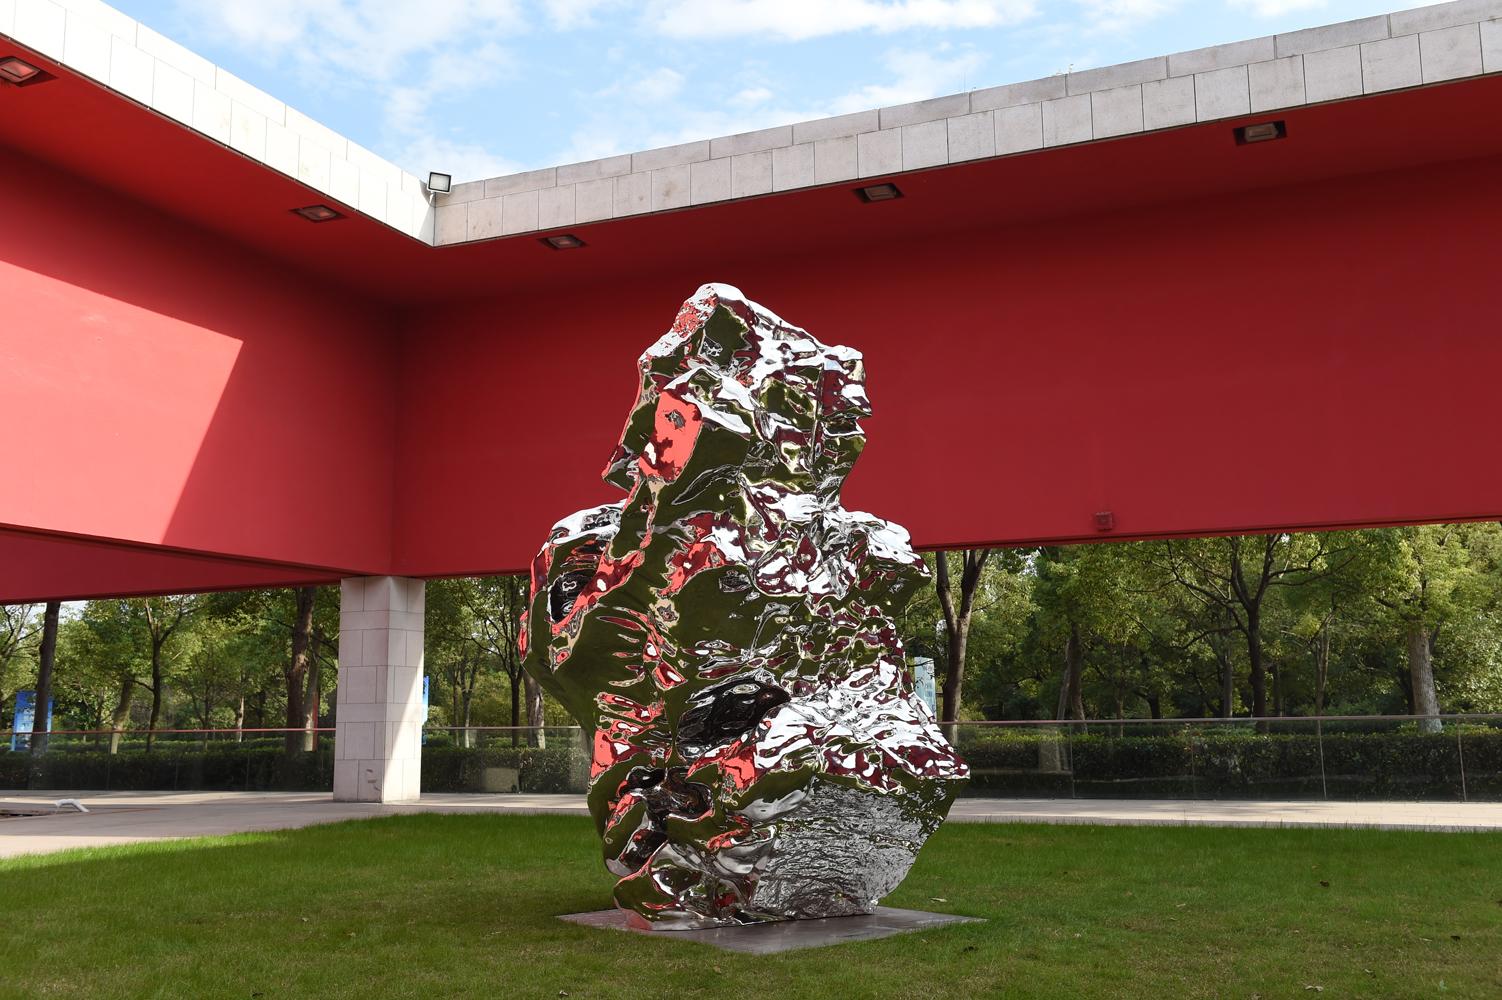 展望 雕塑 长征空间